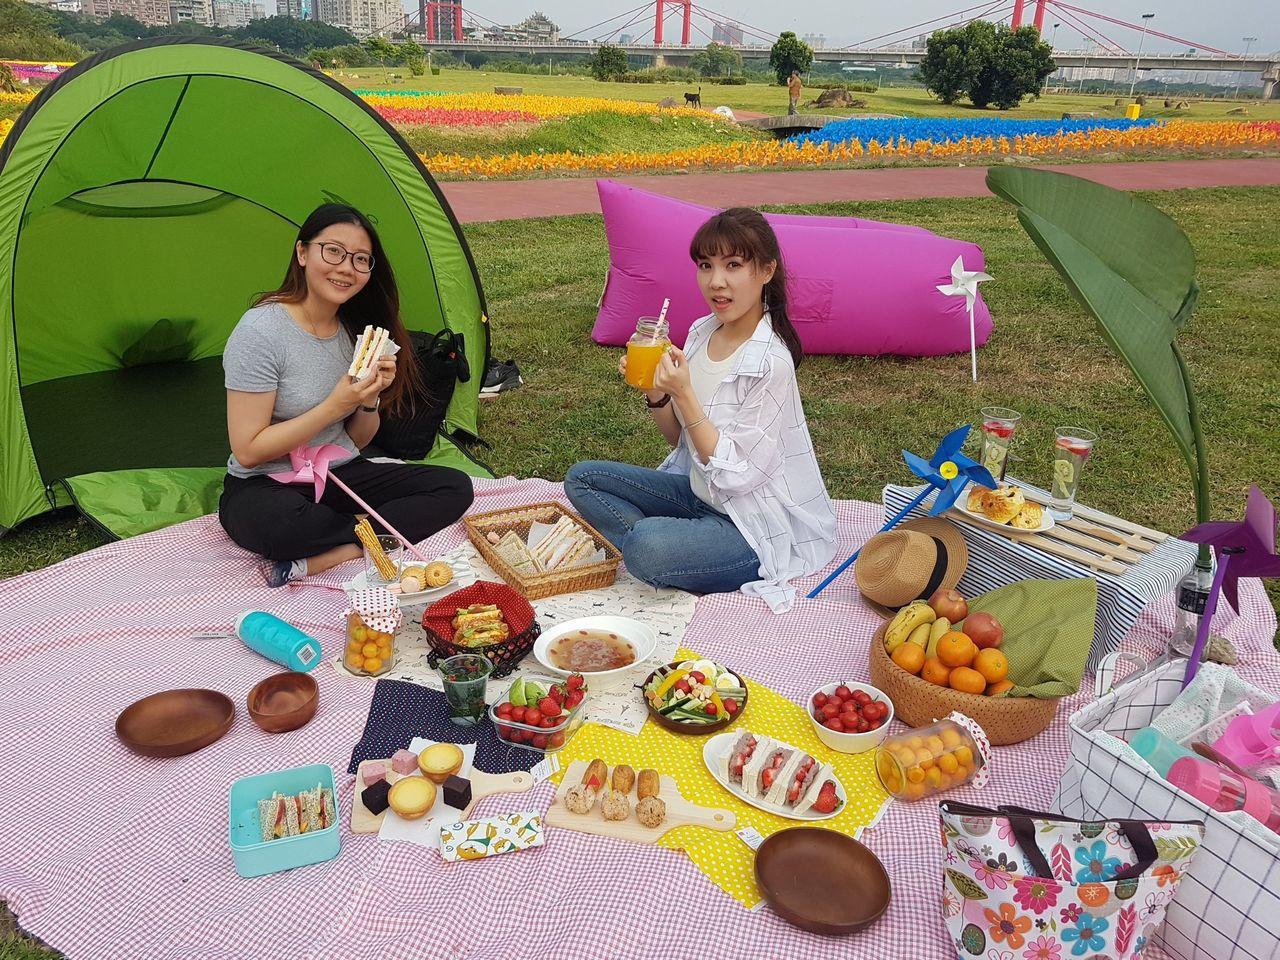 春暖花開的季節最適合野餐。圖/新北市政府提供